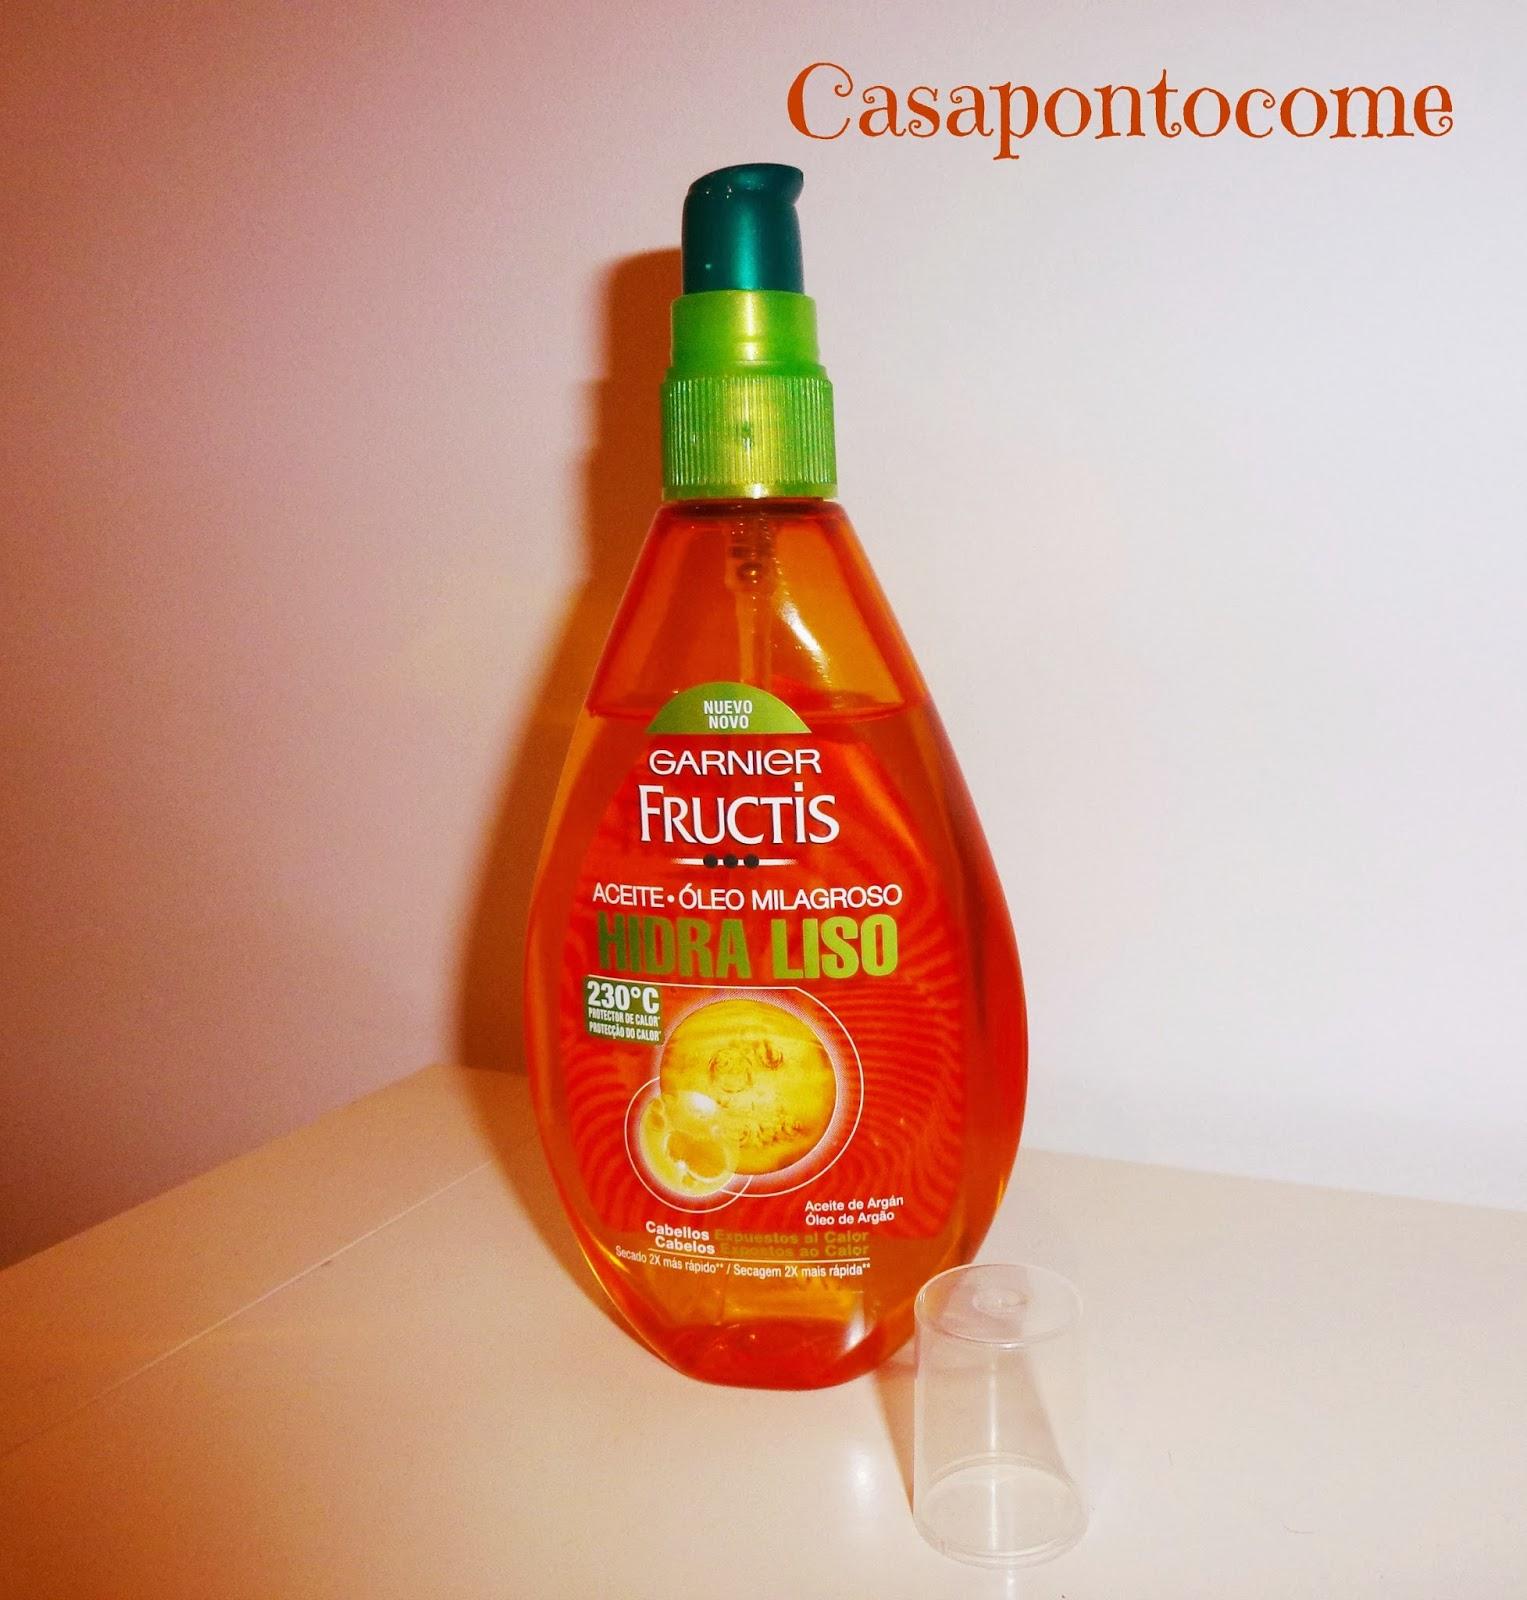 hidra liso fructis